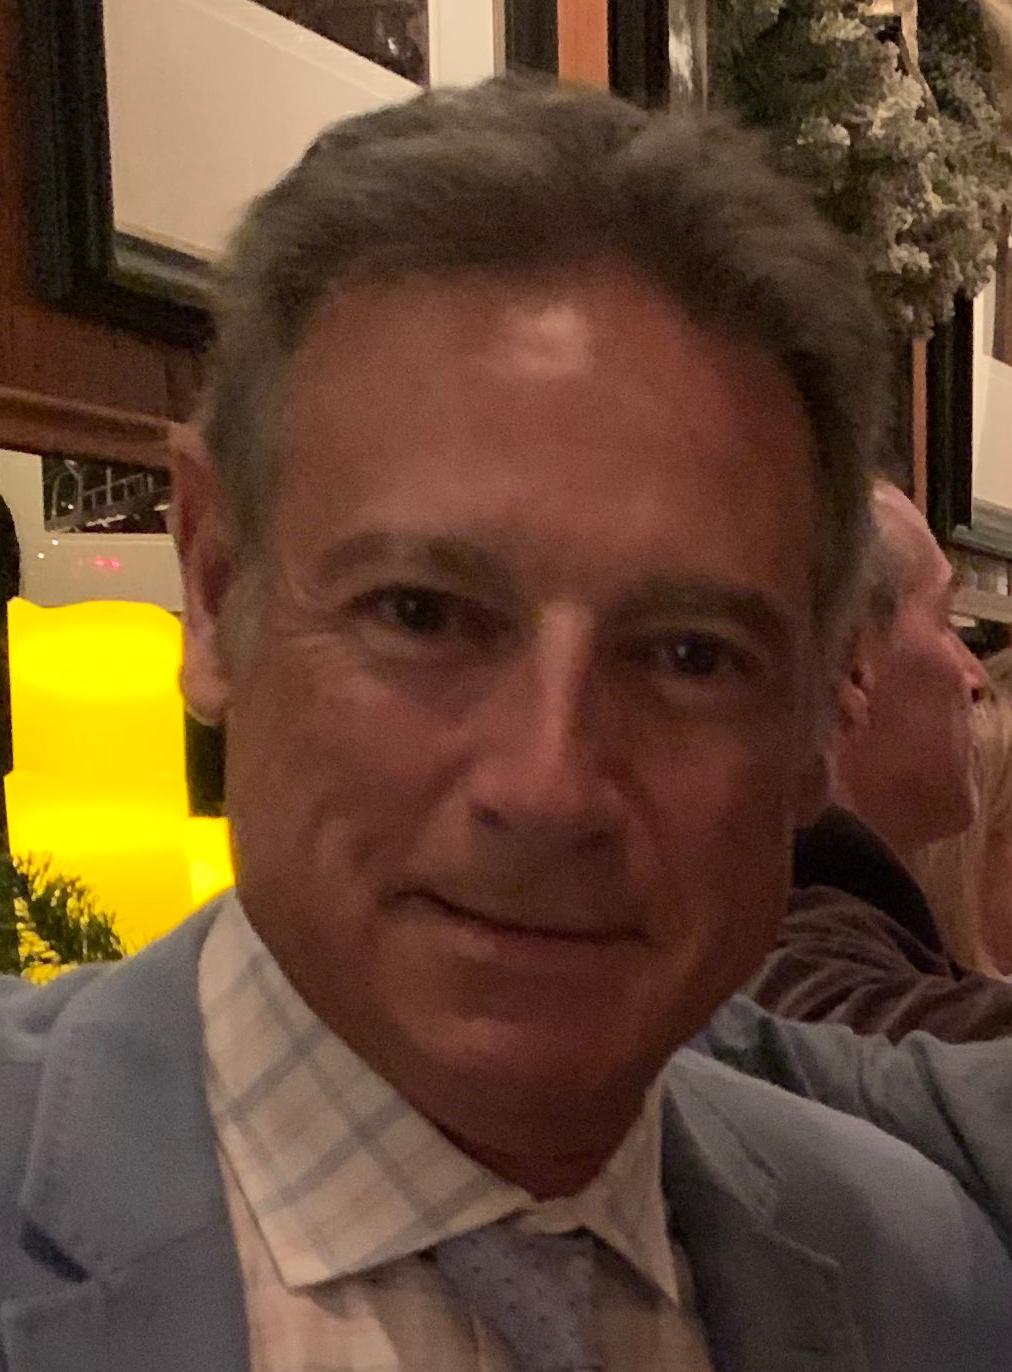 Andrew O. Schreiber, M.D., QME